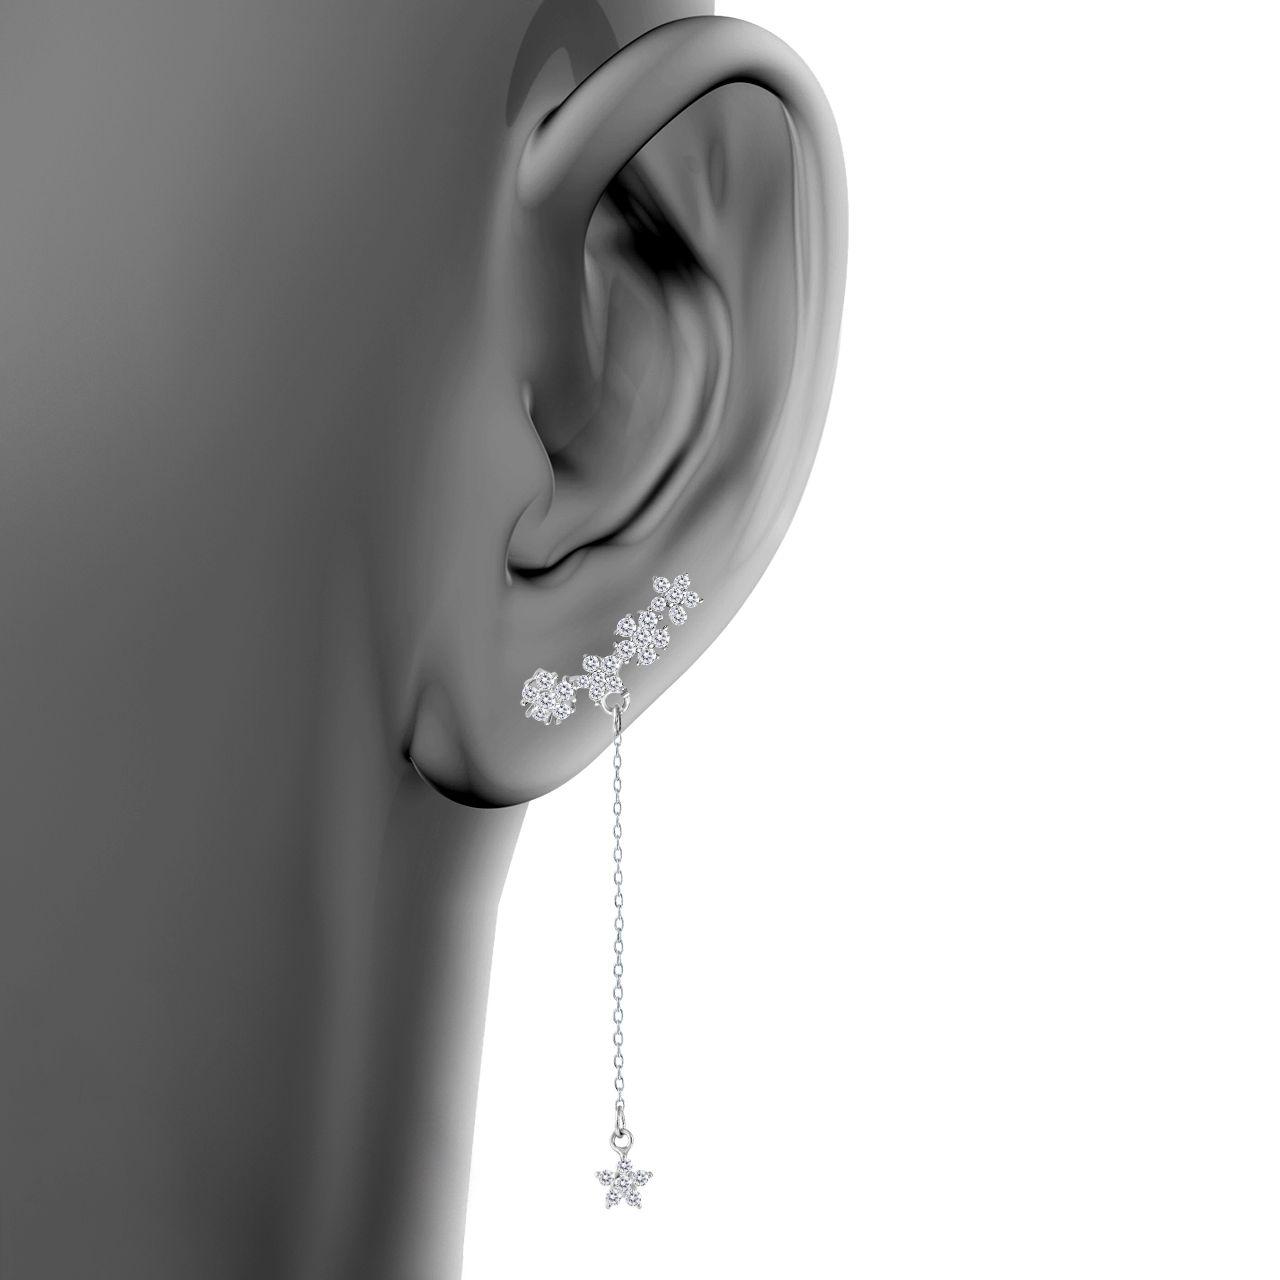 گوشواره نقره زنانه اقلیمه کد EN429 -  - 4